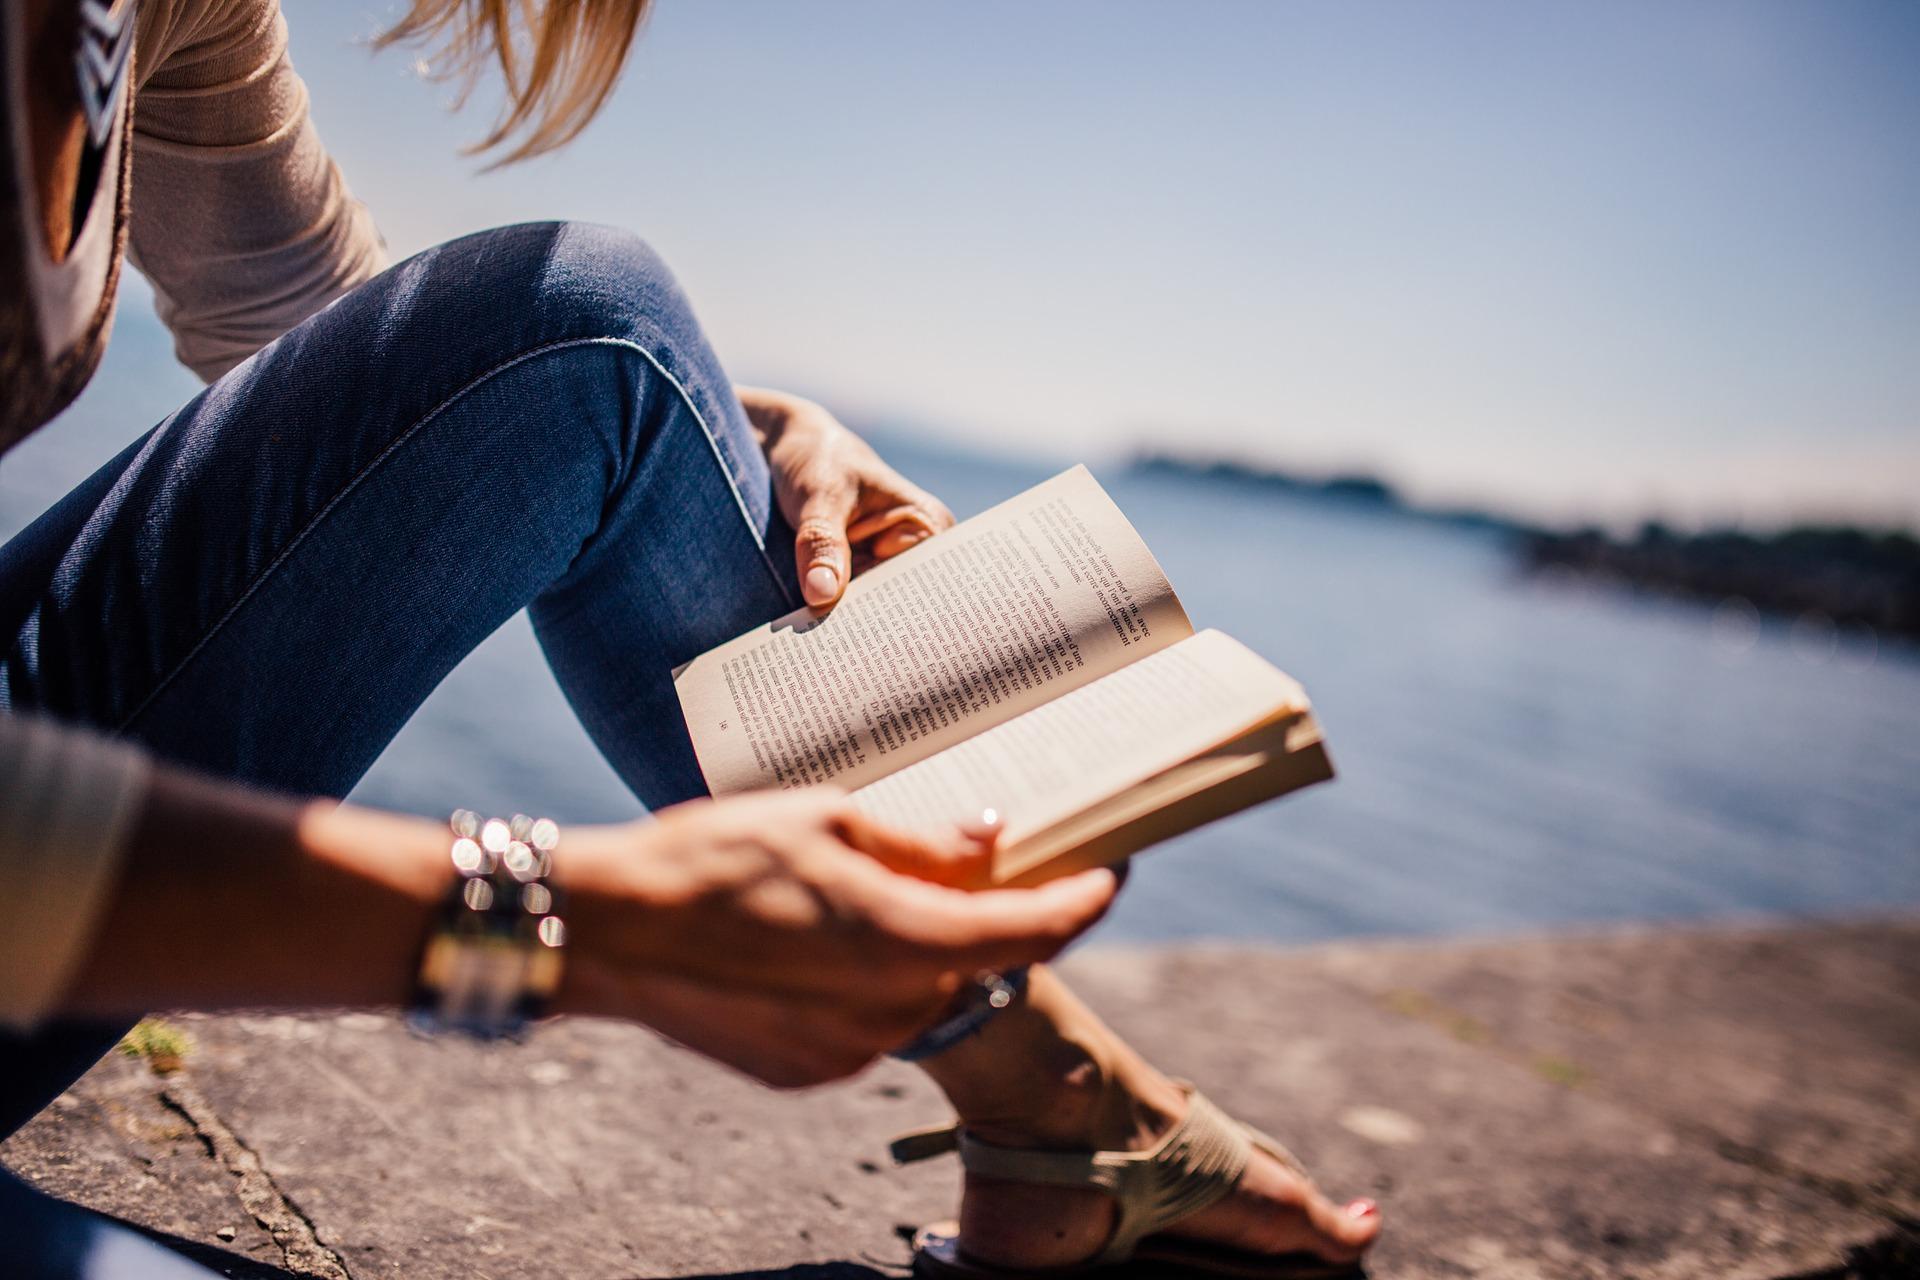 女性が本を読んでいる画像